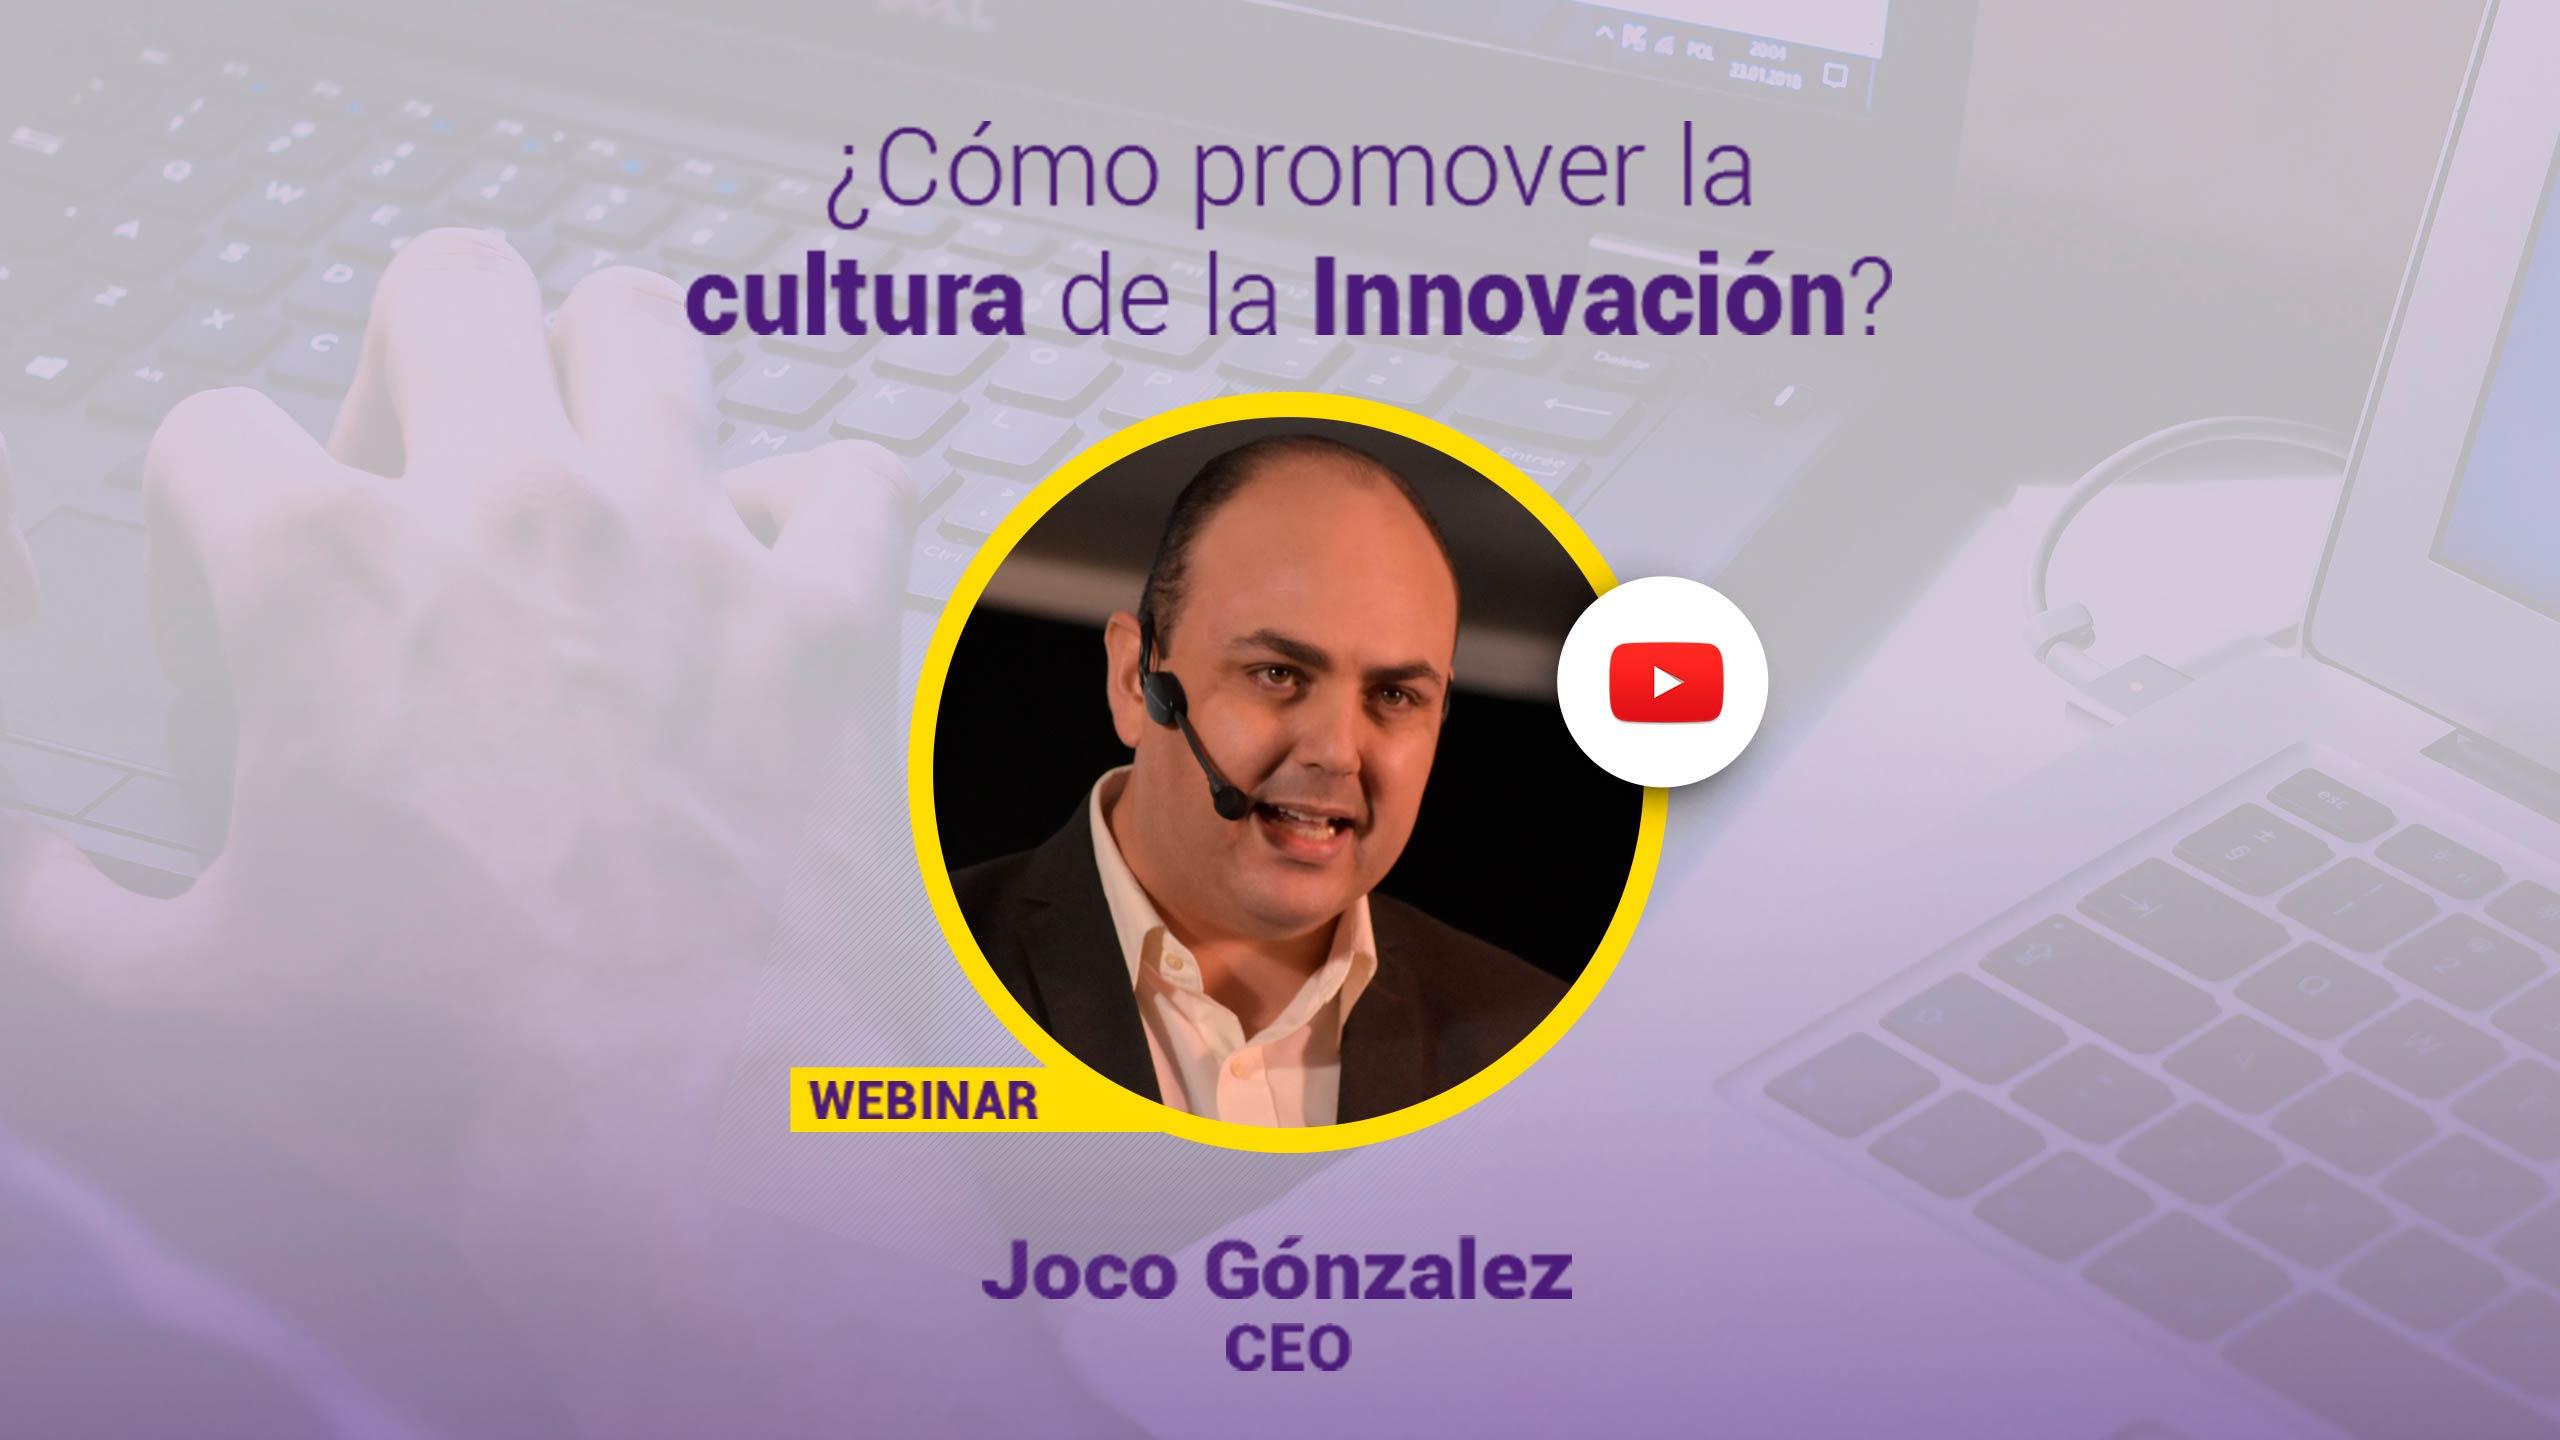 como-promover-la-cultura-de-la-innovacion-webinar-venezuela-zuliatec-joco-gonzalez